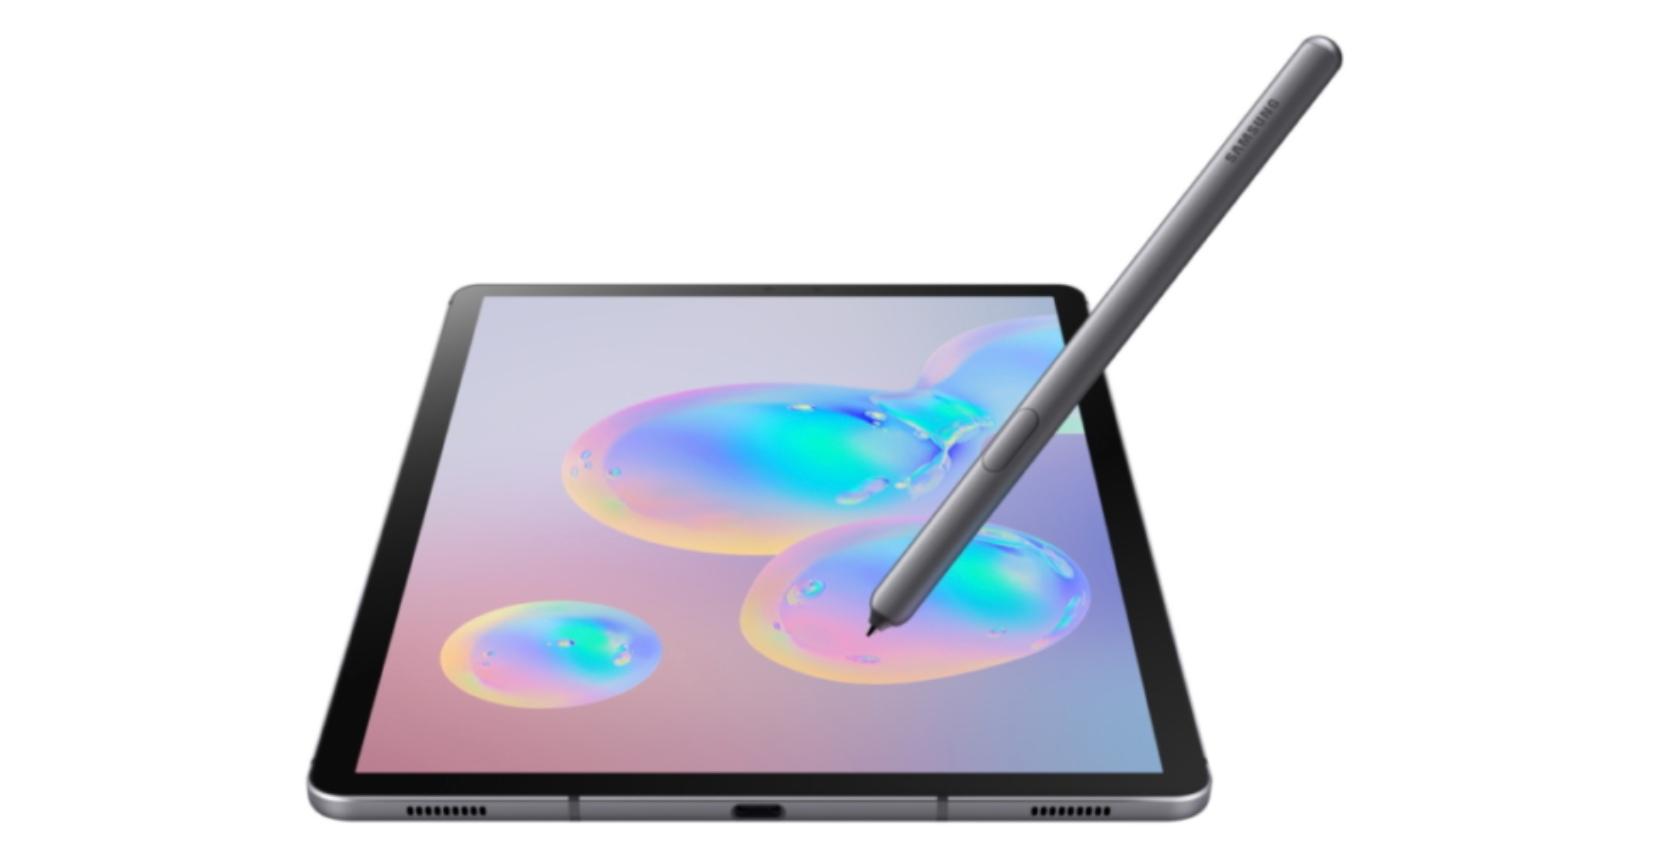 三星旗艦平板登場,Galaxy Tab S6 預計九月初上市